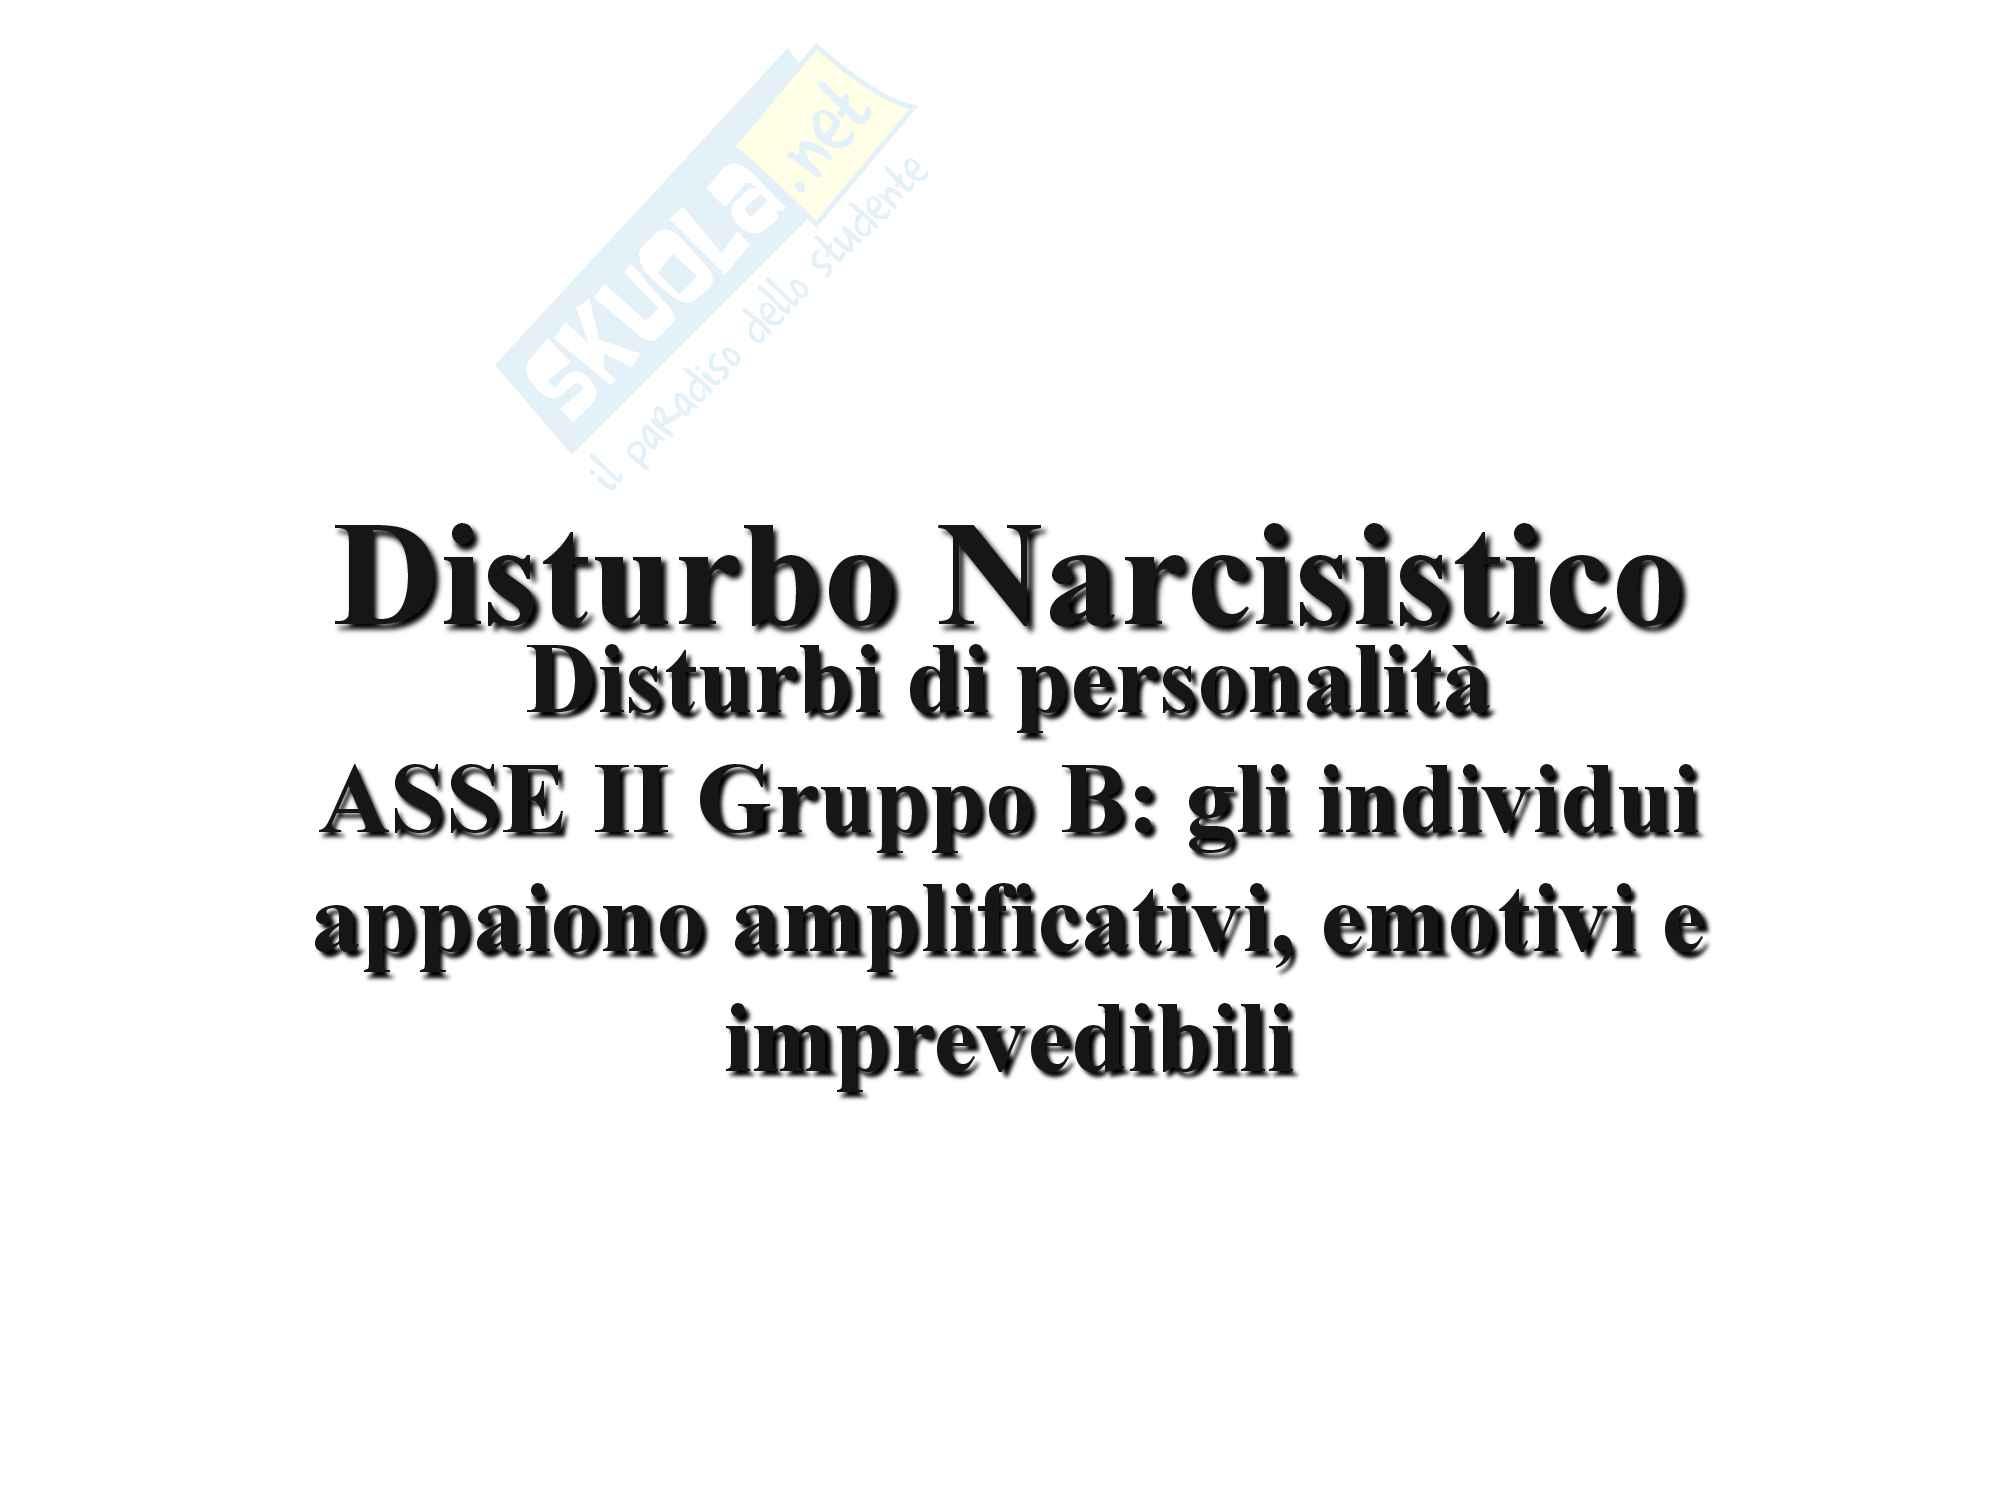 Disturbo Narcisistico da Personalità